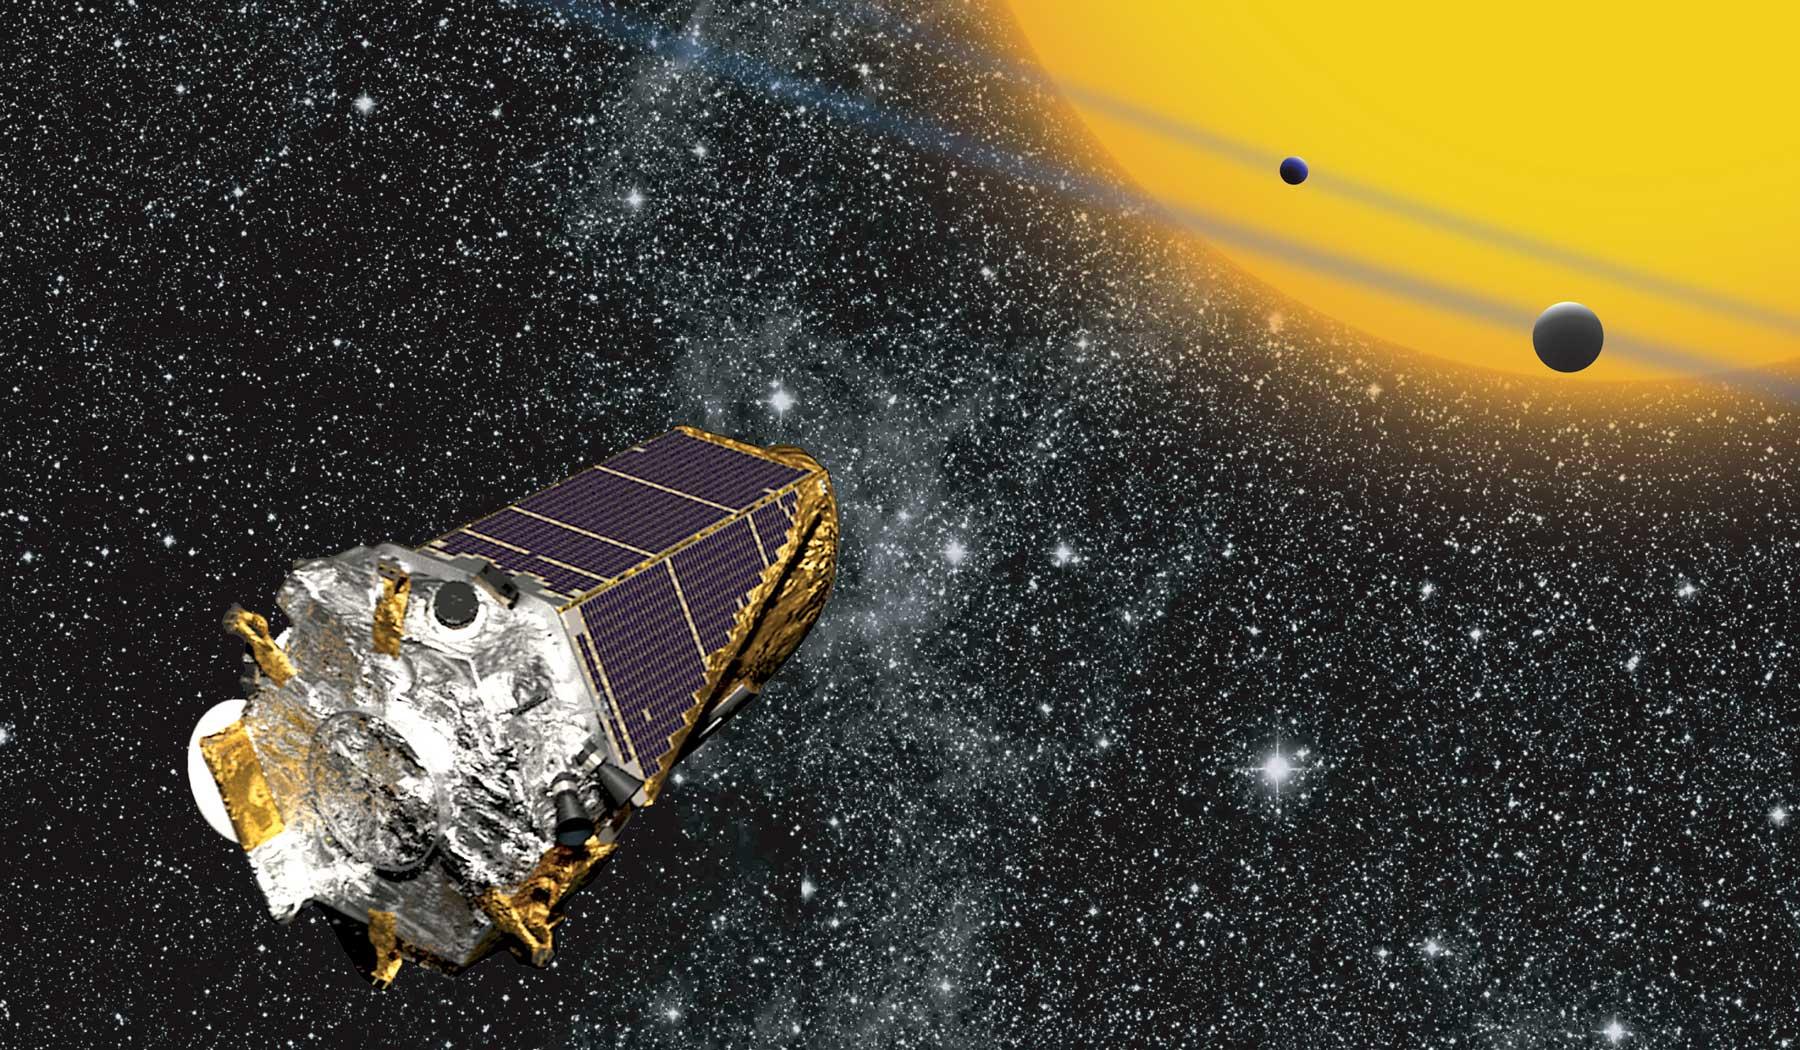 Телескоп «Кеплер» спасен. Сеть дальней космической связи NASA помогла предотвратить катастрофу - 1